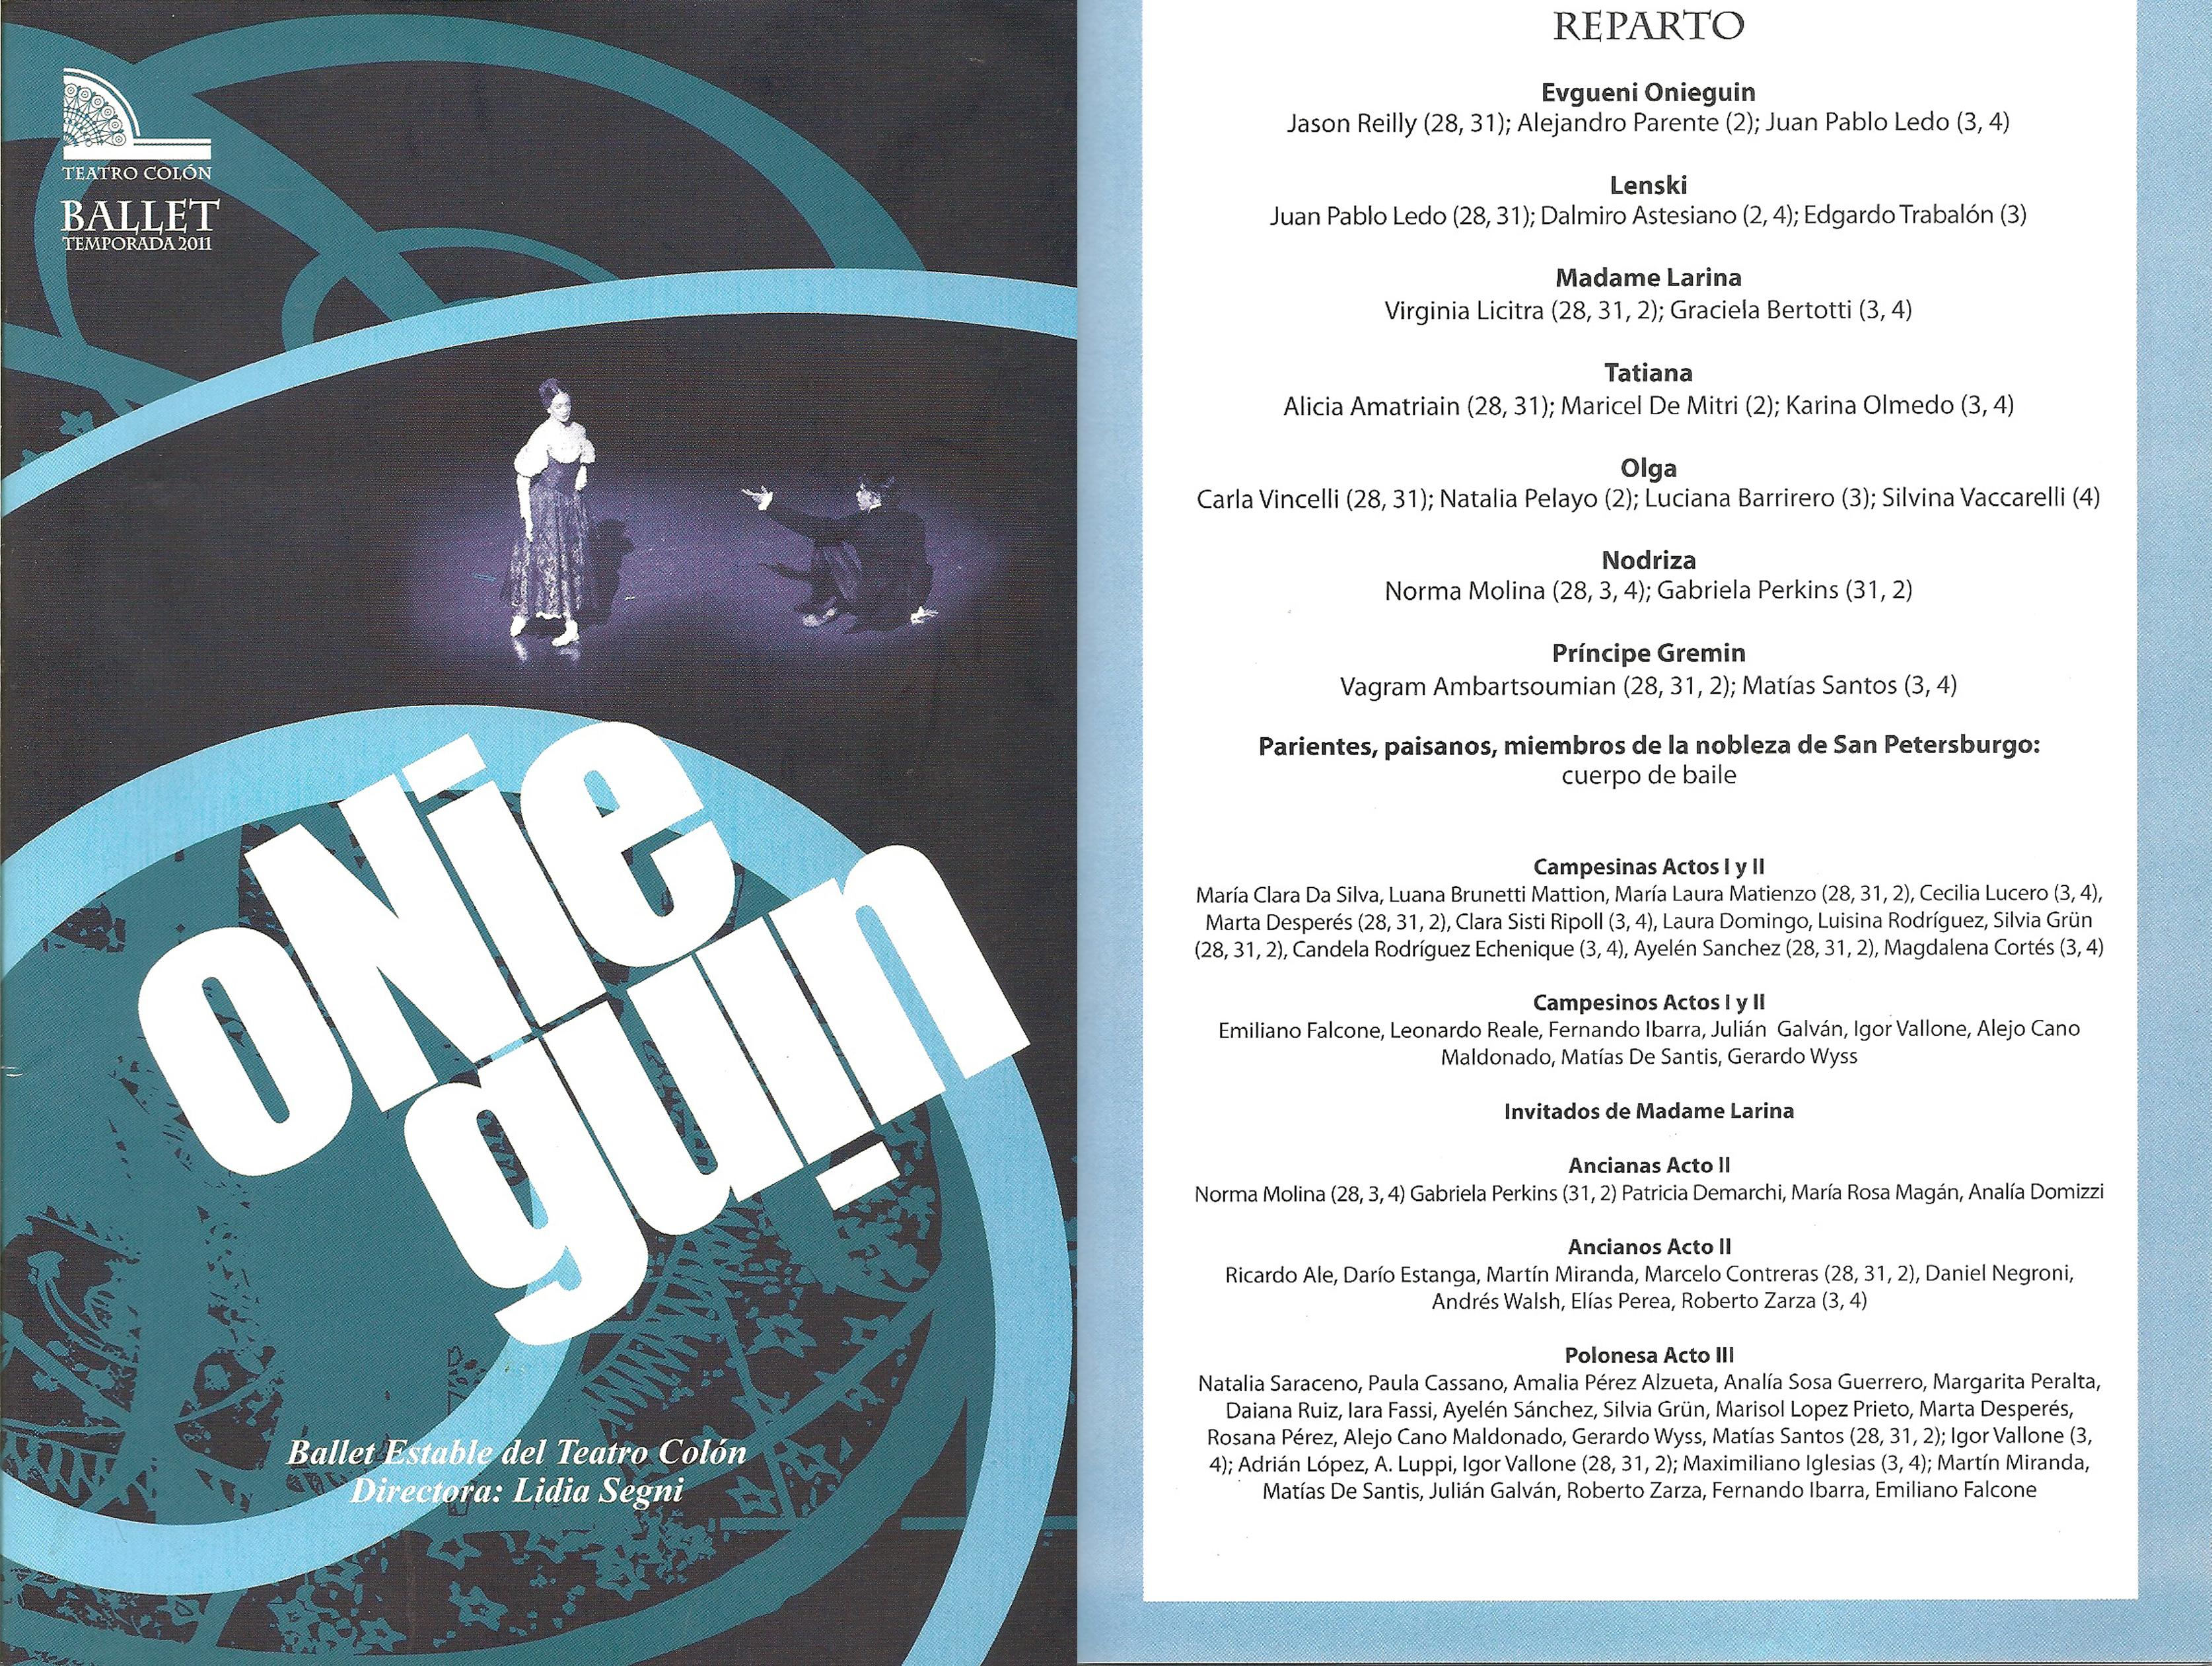 Oneguin 2011.jpg